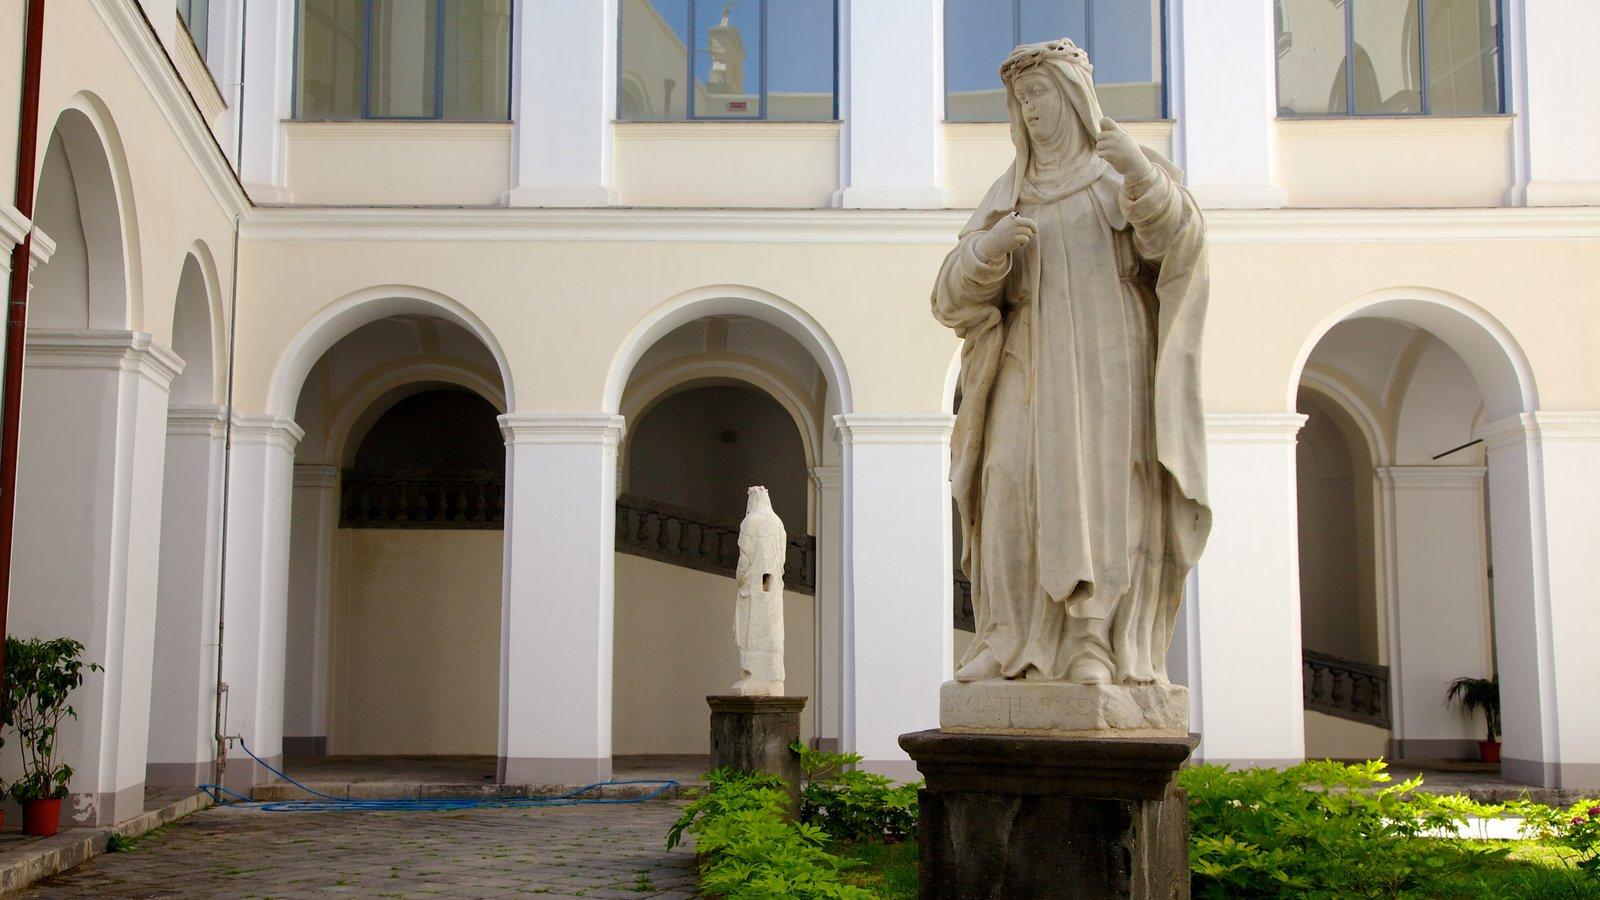 Piazza San Domenico Maggiore mostrando uma praça ou plaza, uma estátua ou escultura e aspectos religiosos